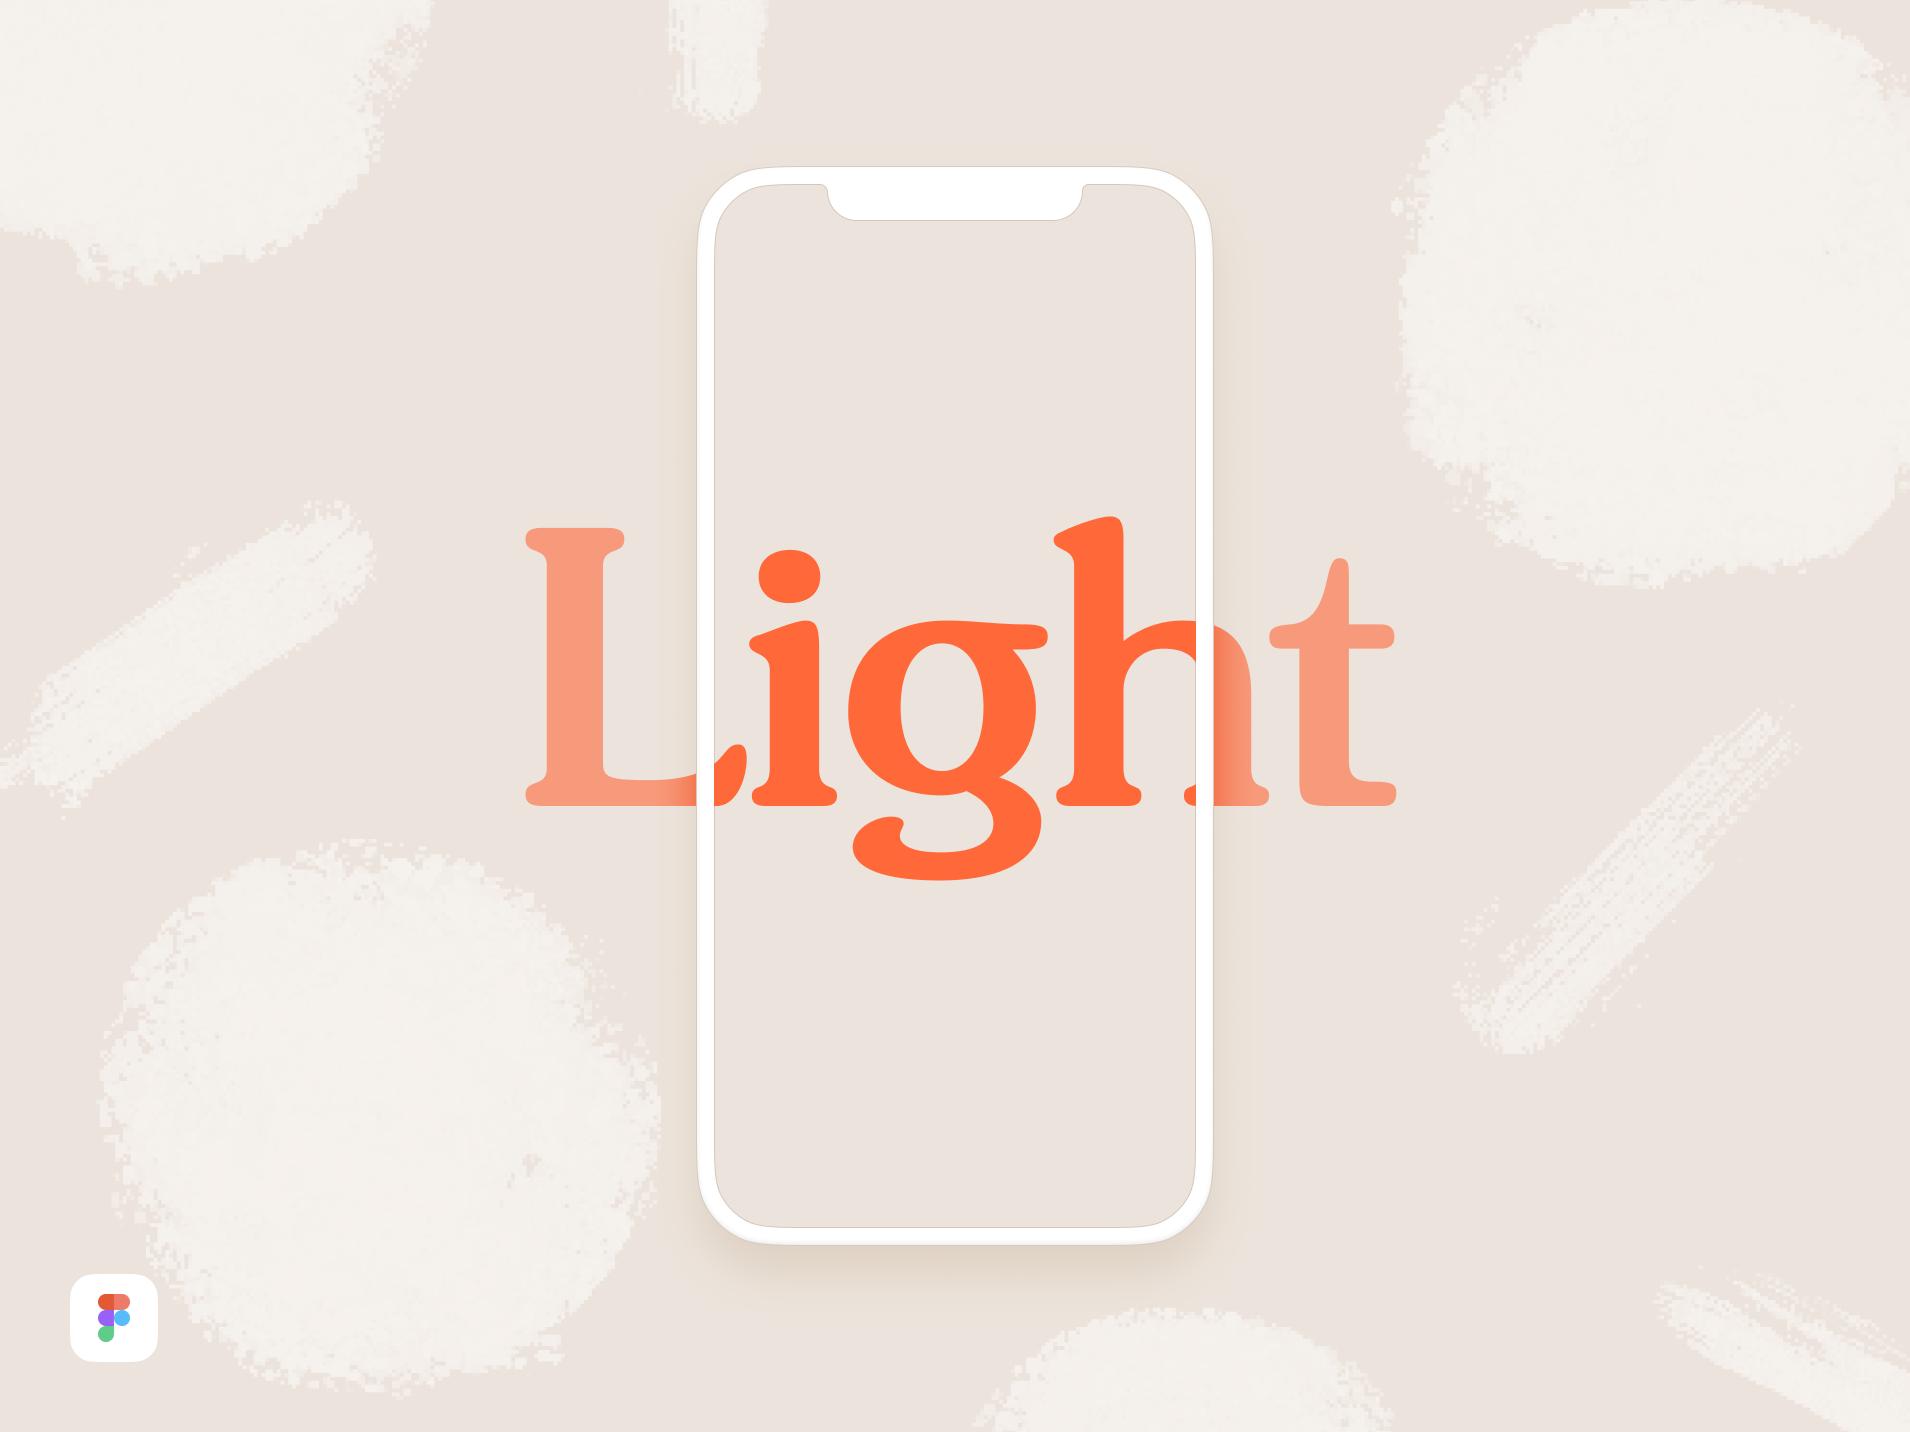 Iphonelight